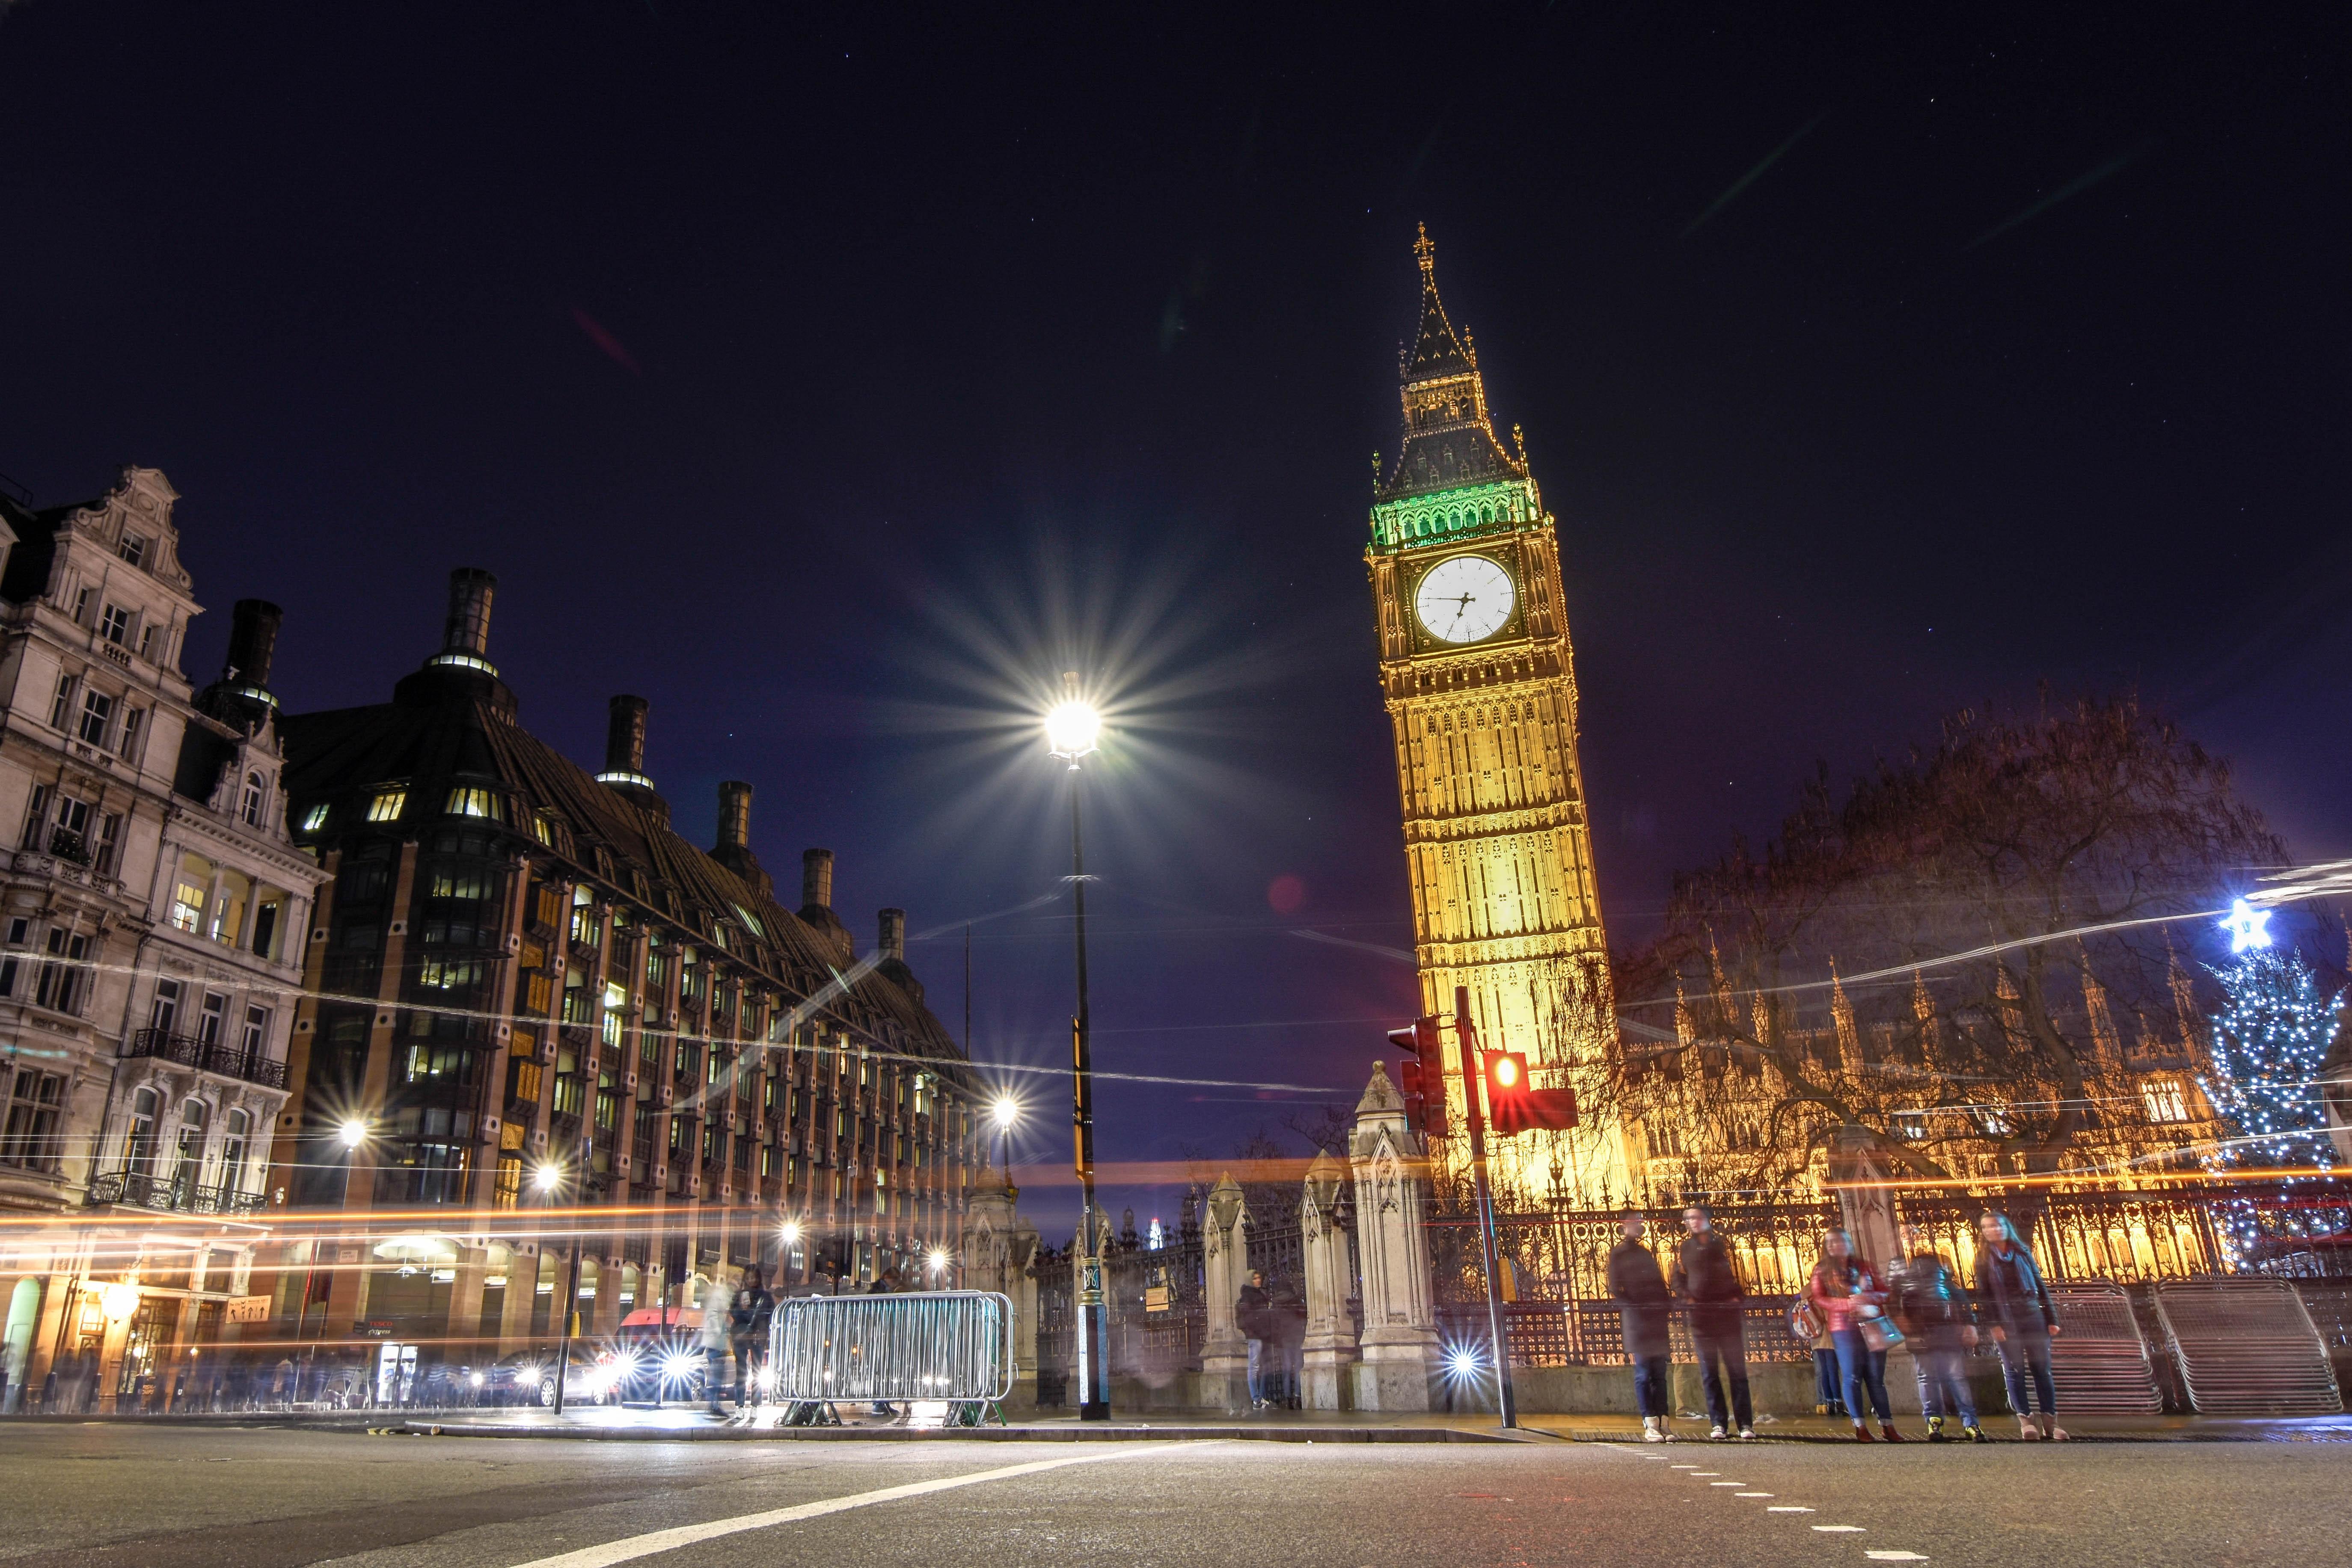 Londýn Hotely Ubytovny Ubytování Anglie London Pass Rezervace Celosvětově Levná Nízká Cena